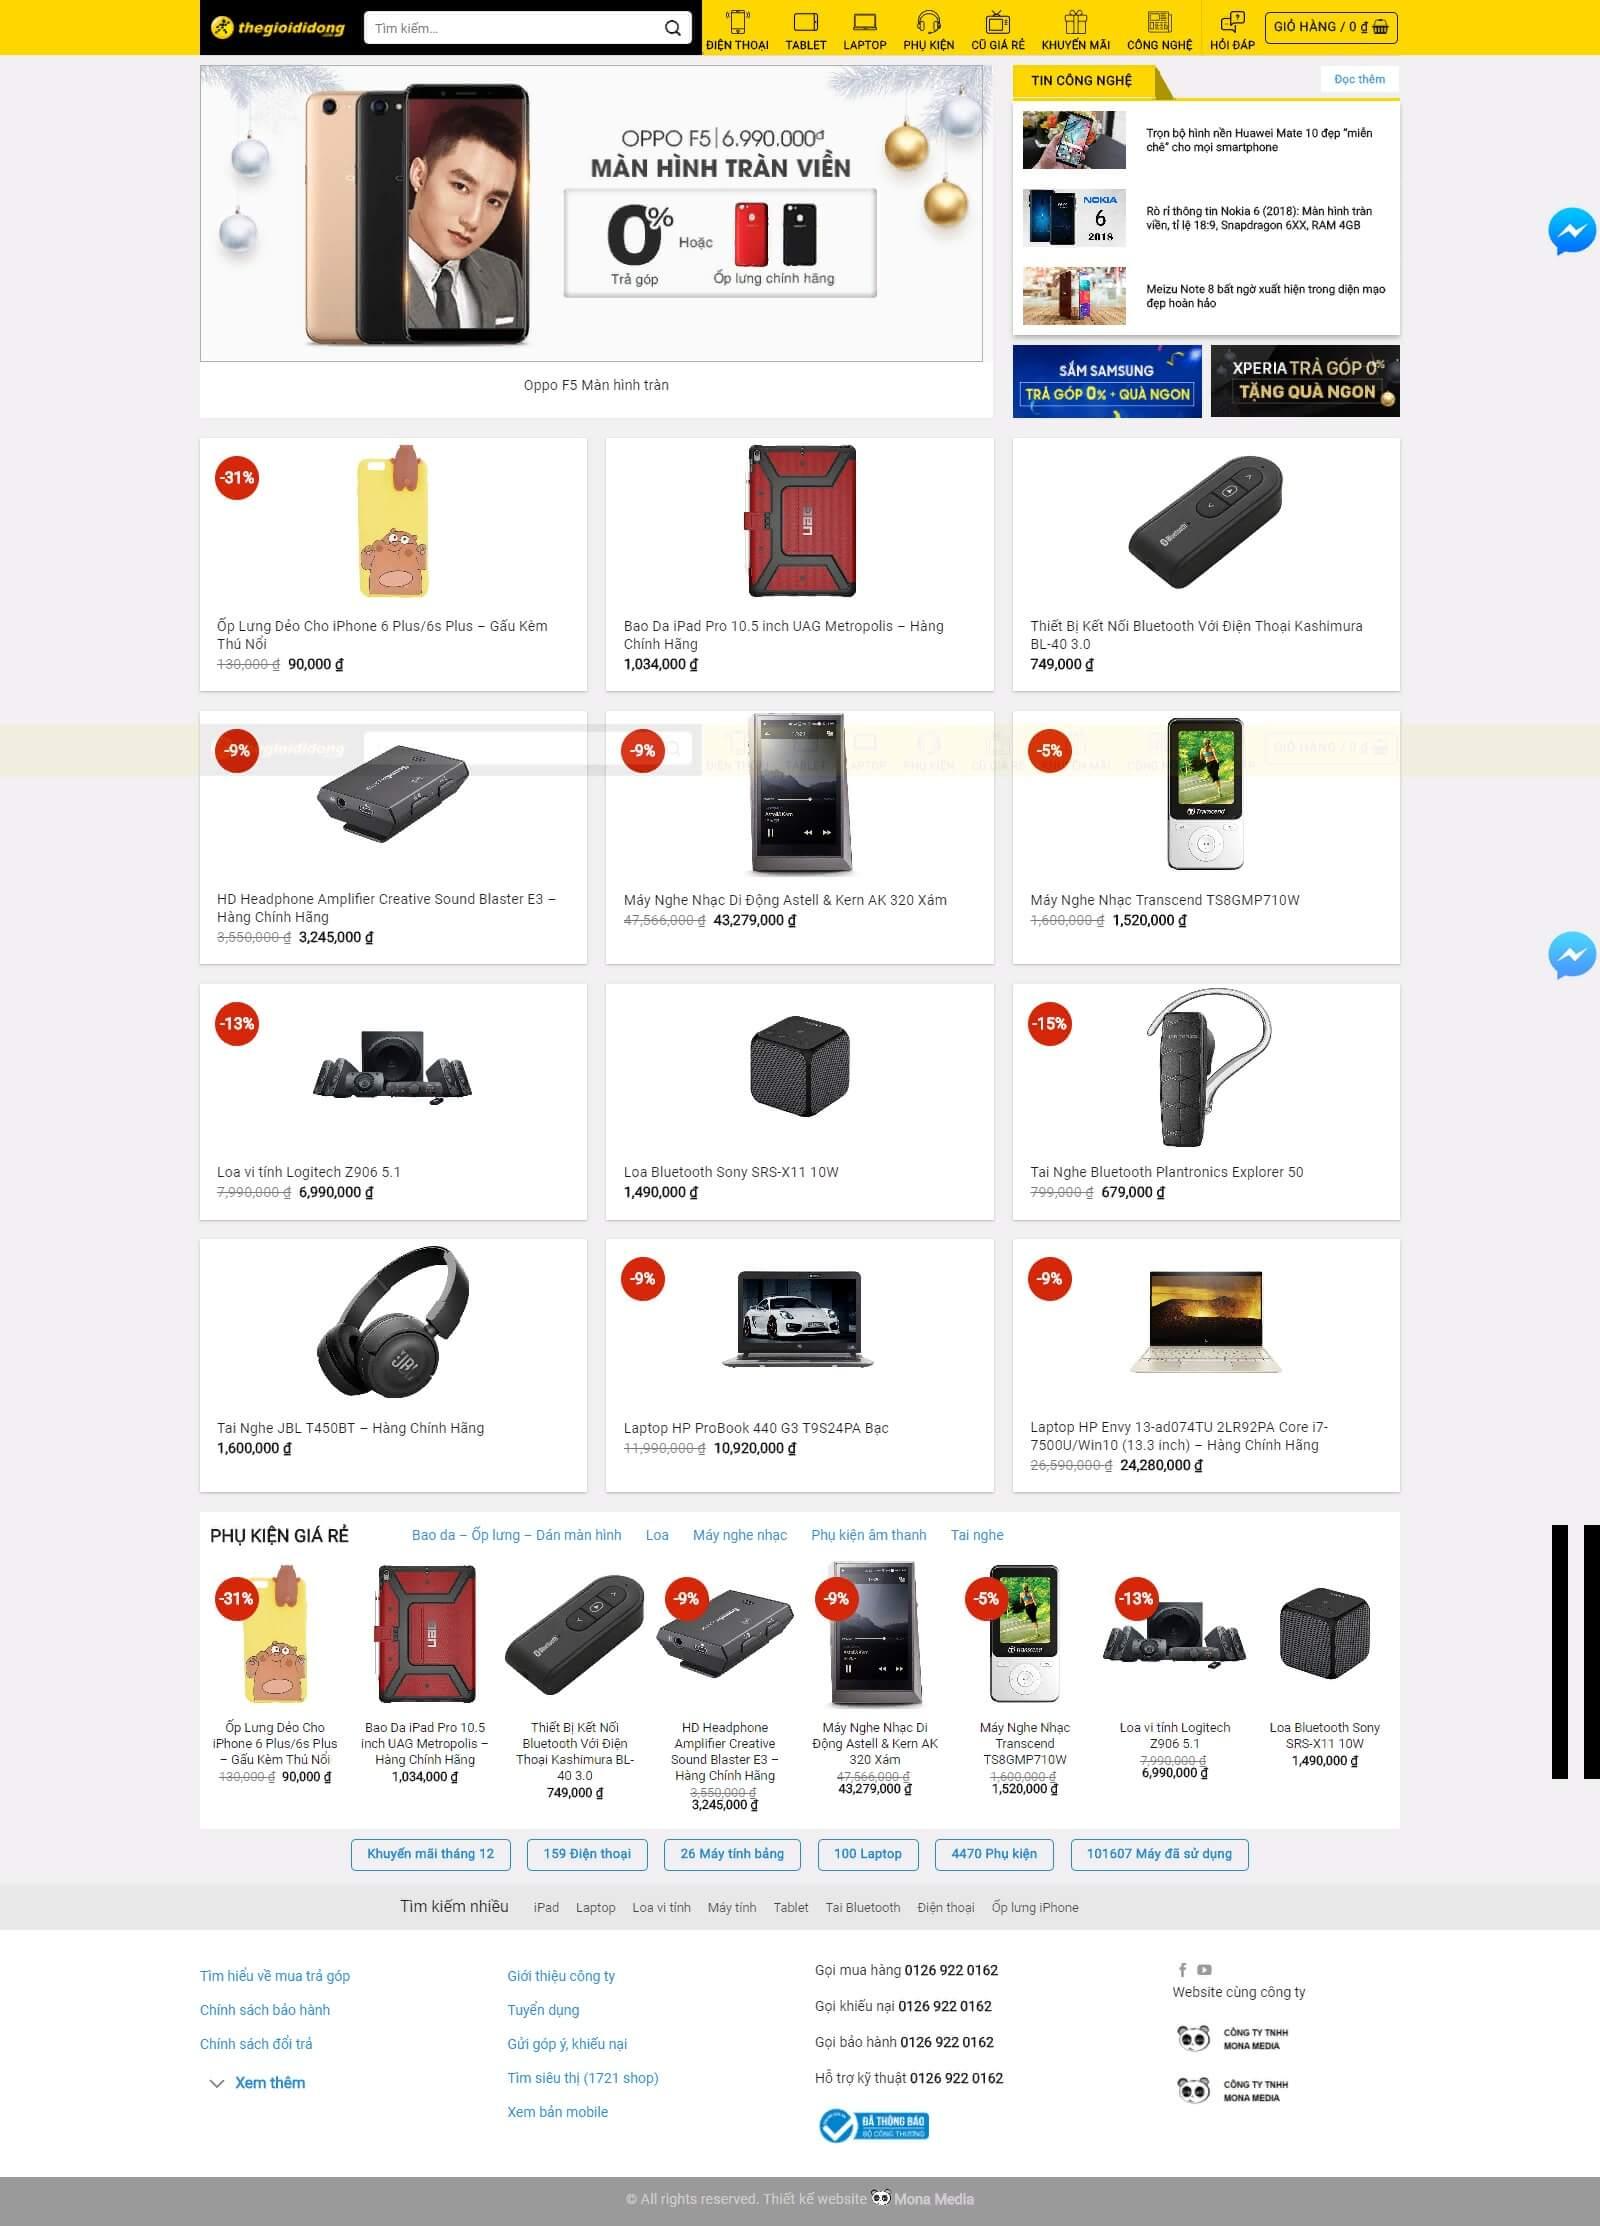 Mẫu website bán điện thoại giống website thế giới di động